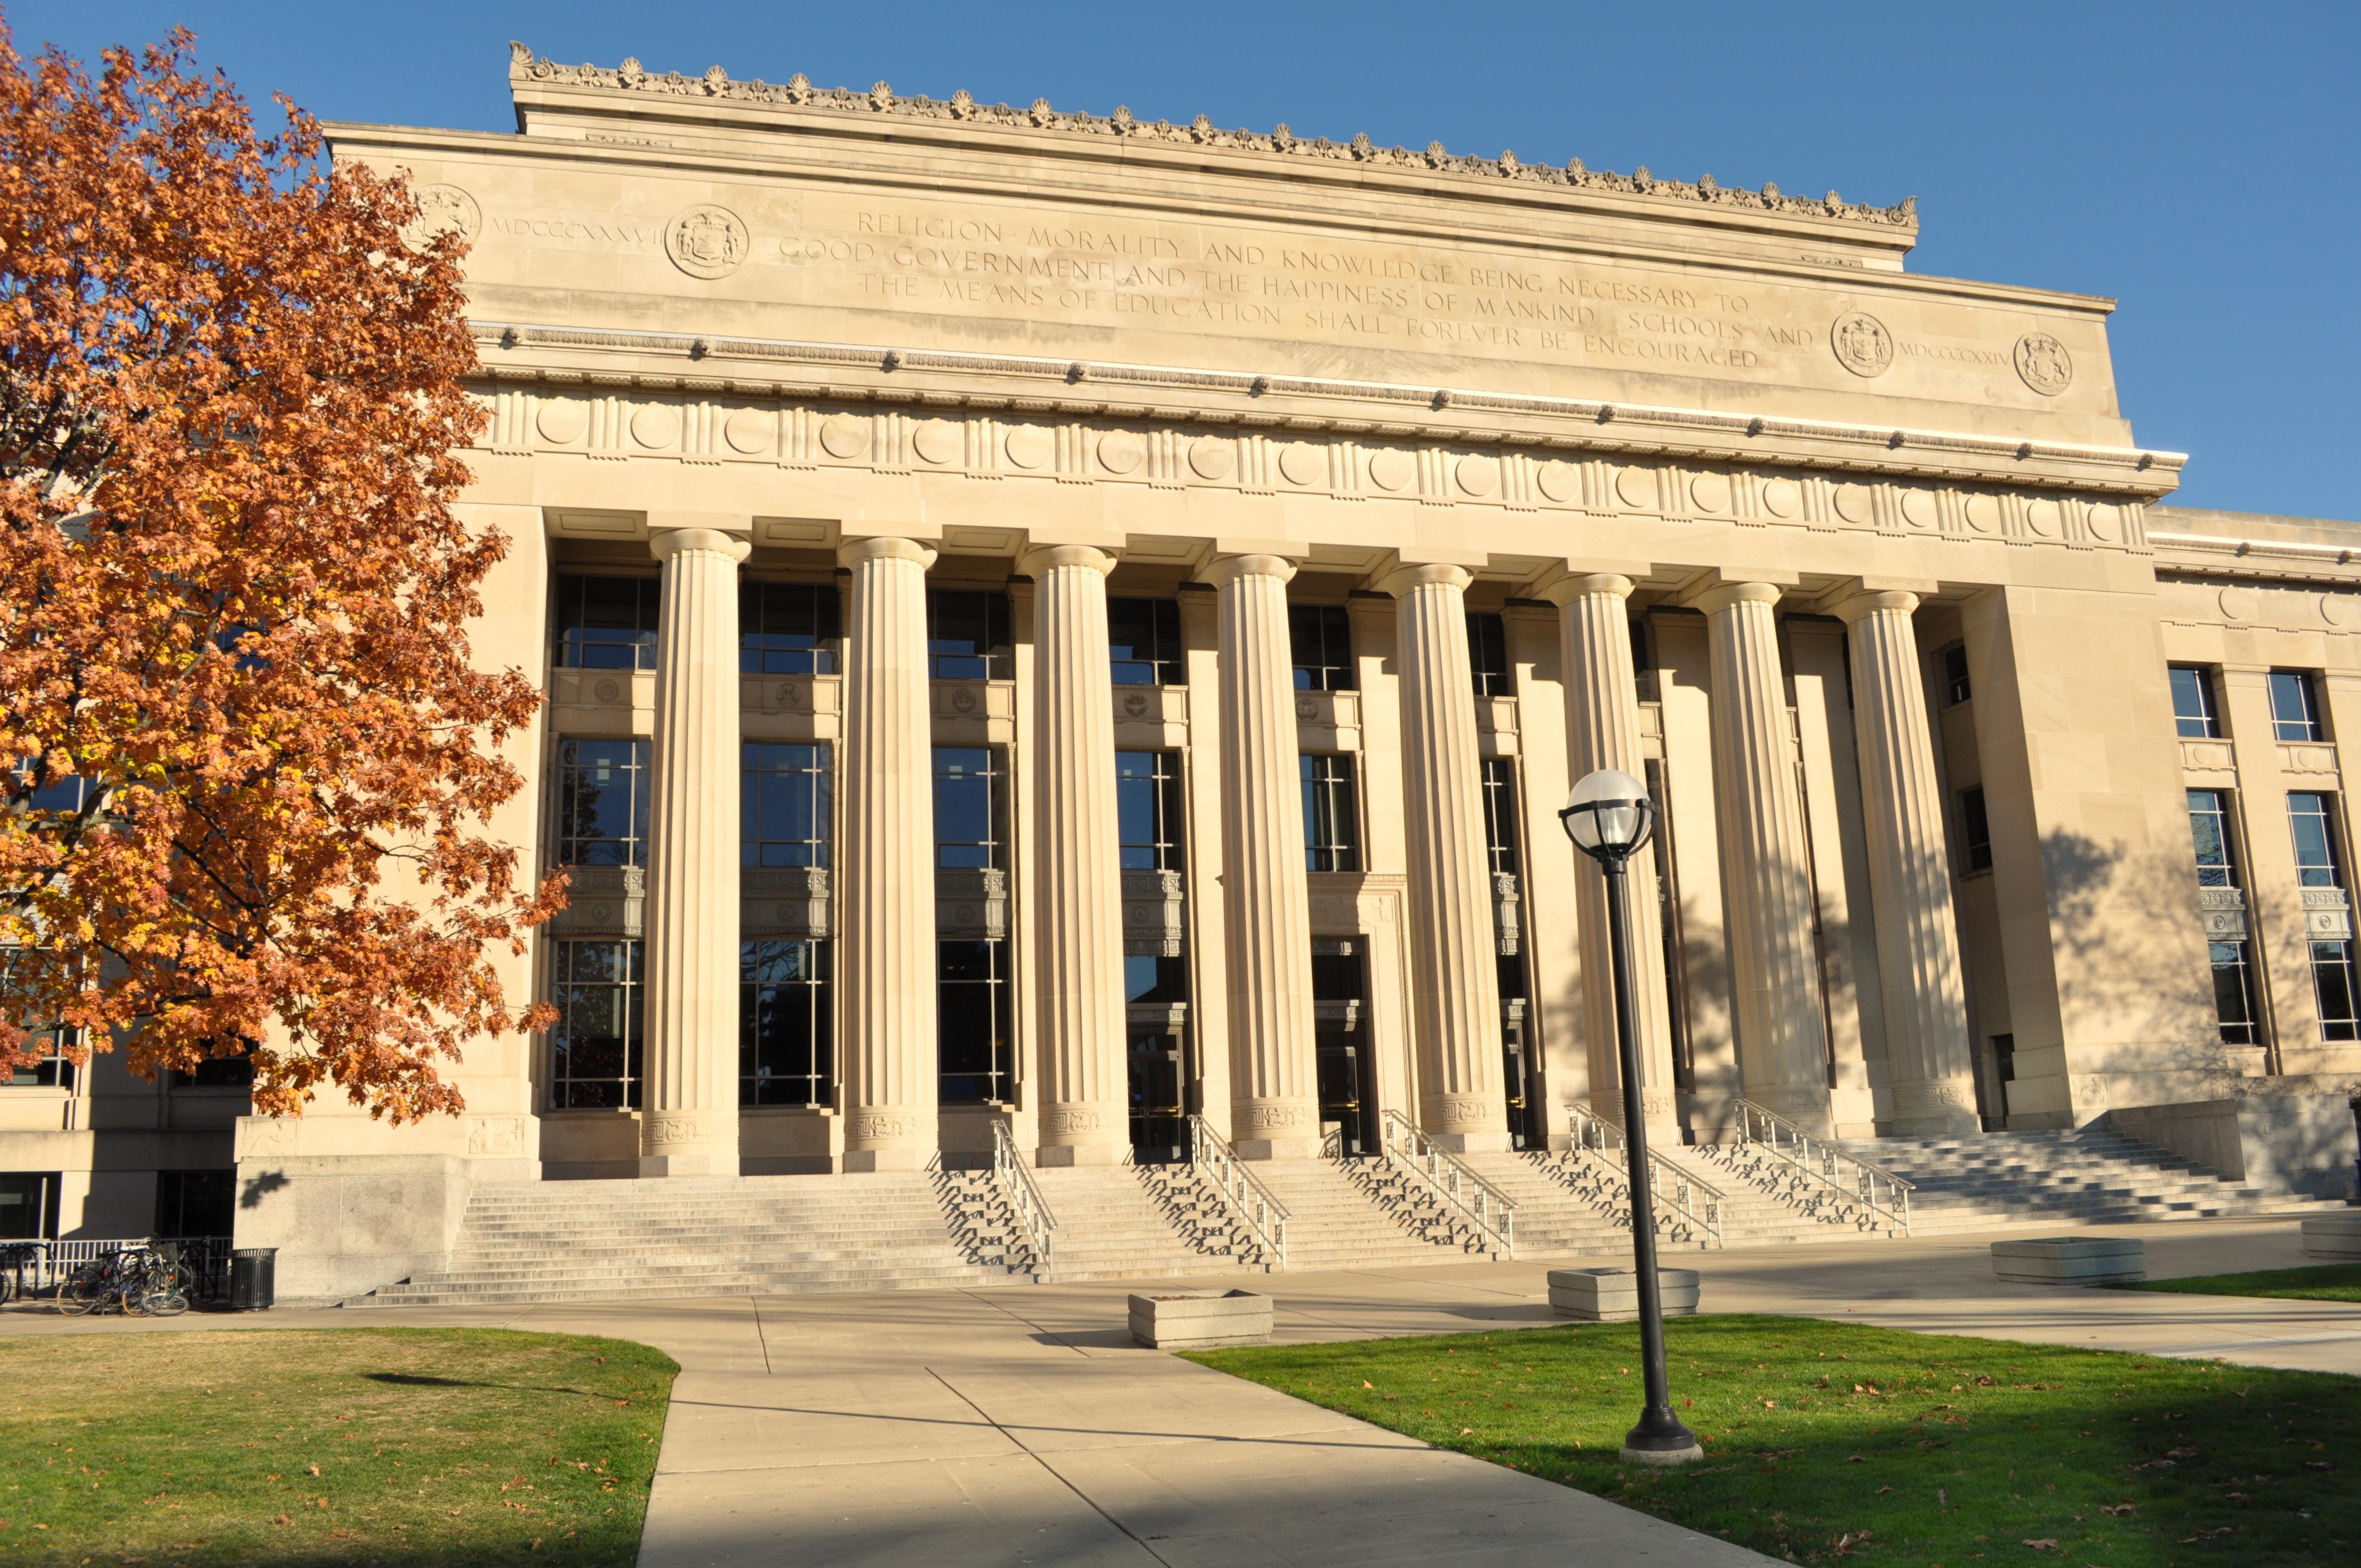 university-of-michigan-campus-university-of-michigan---wikipedia-the-free-encyclopedia